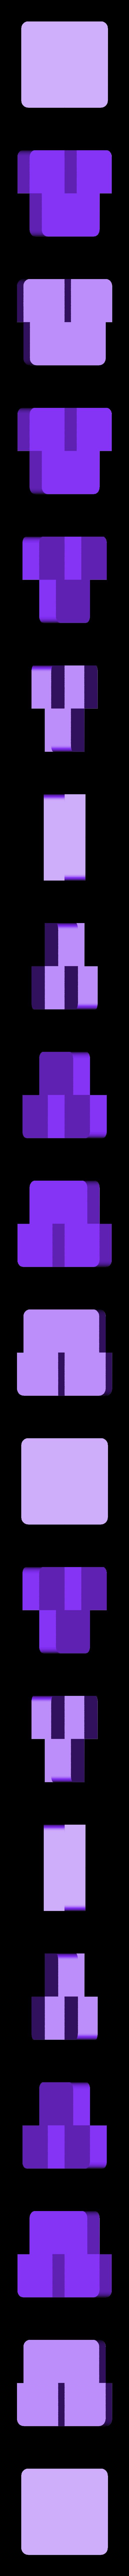 boton_ajedrez_extr2.stl Télécharger fichier STL gratuit Calibrage de l'extrudeuse double • Objet à imprimer en 3D, saginau